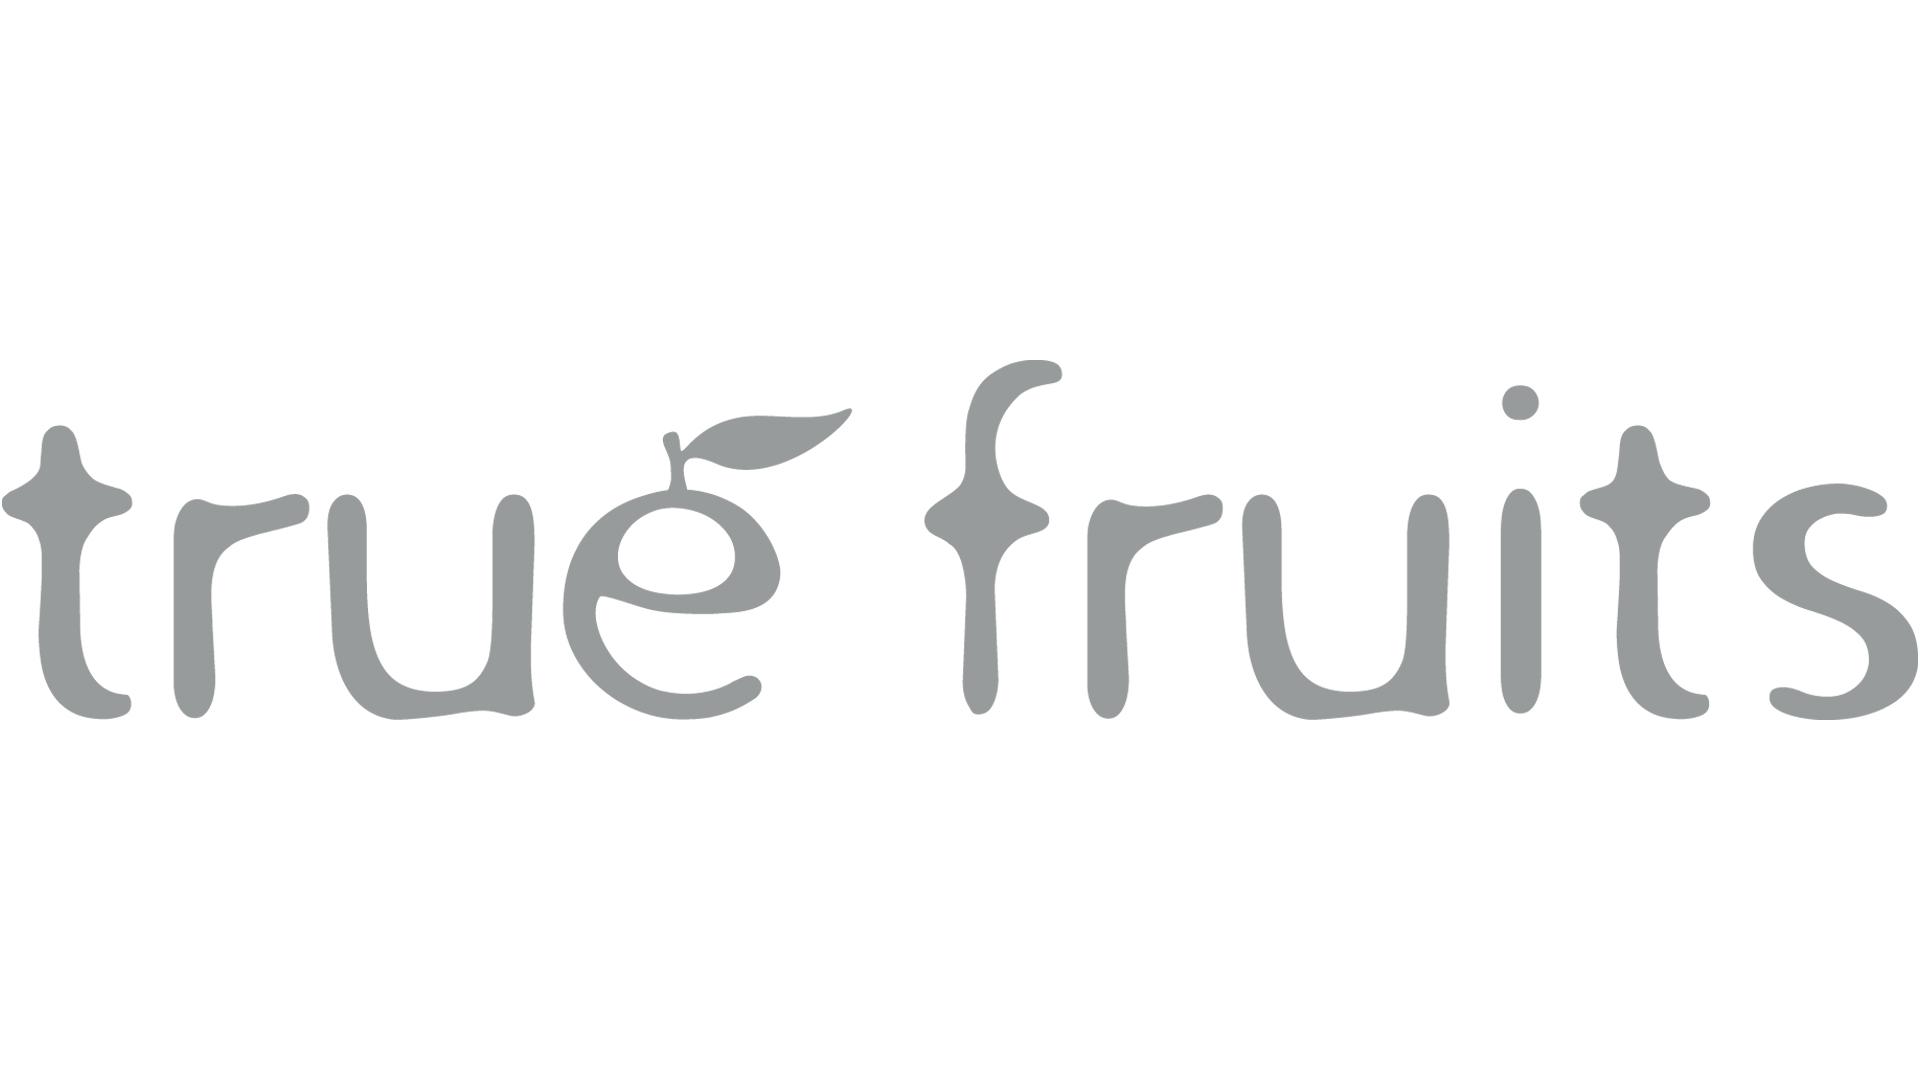 truefruits